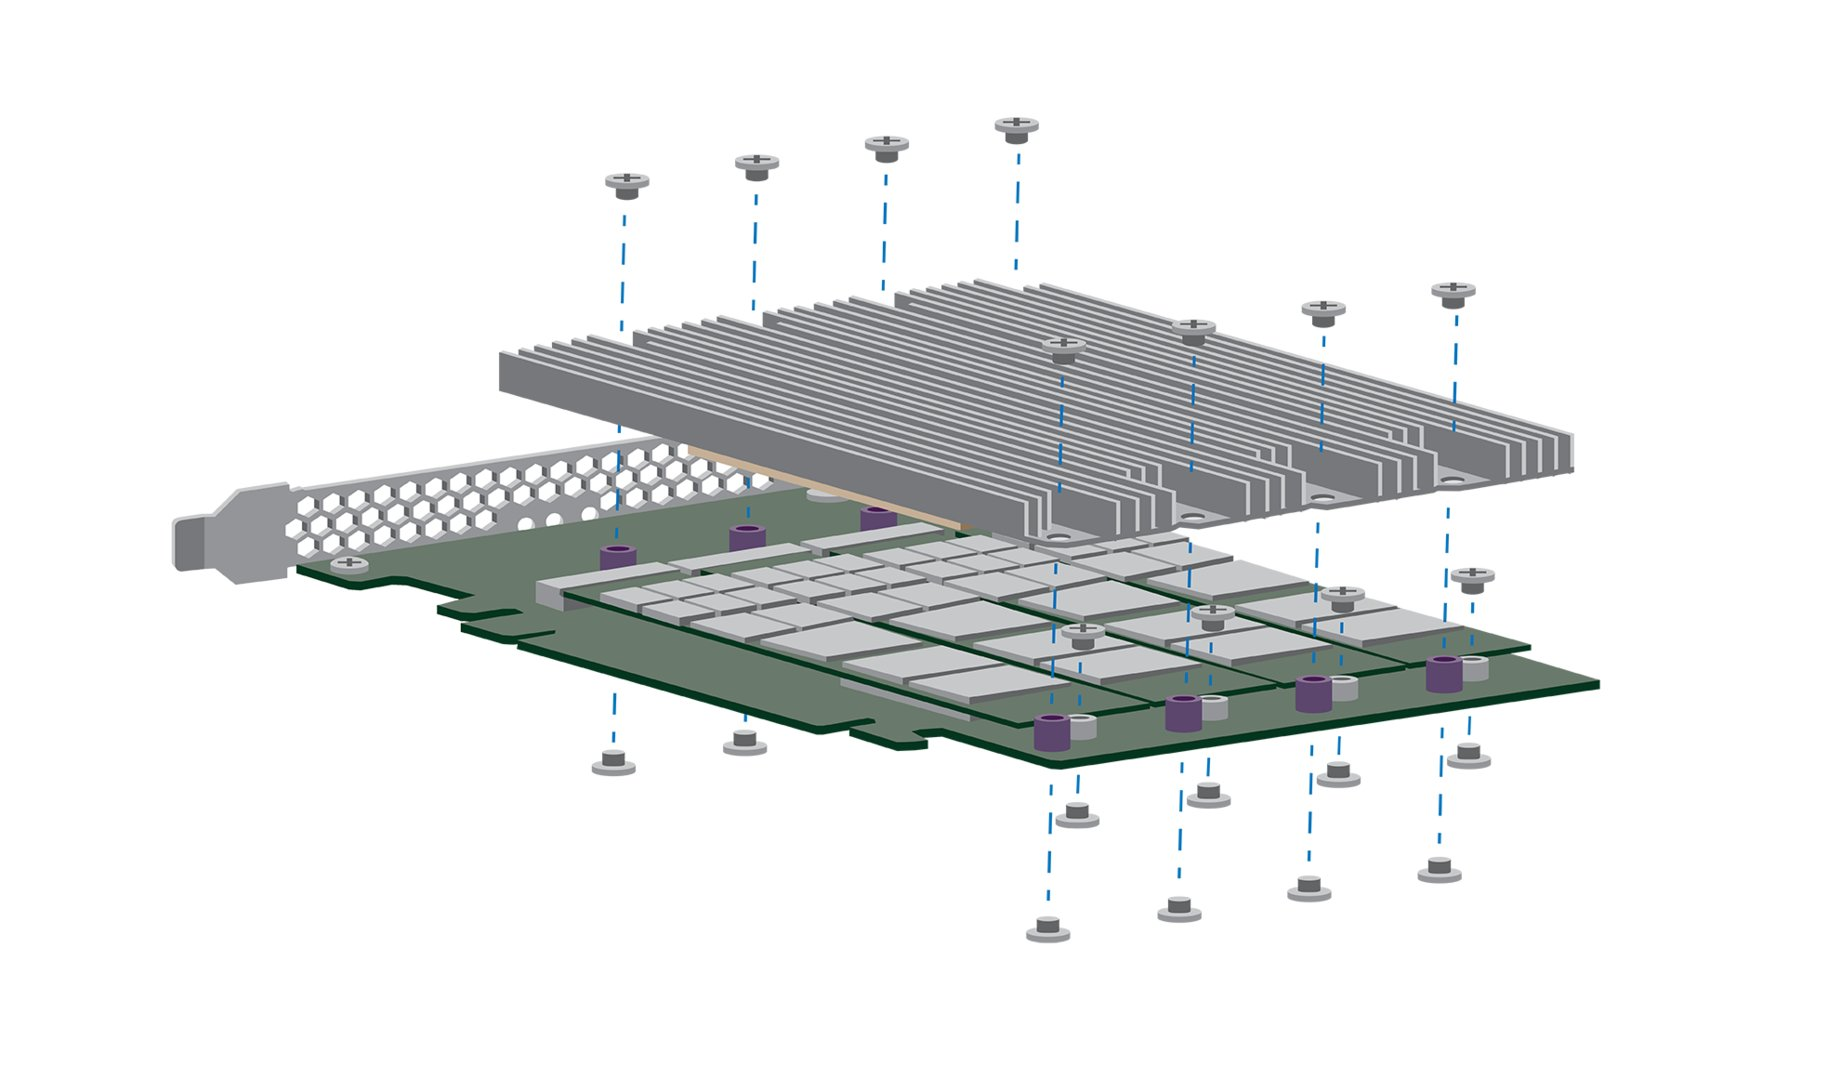 Rendering des Modells mit 10 GB/s (PCIe x16)